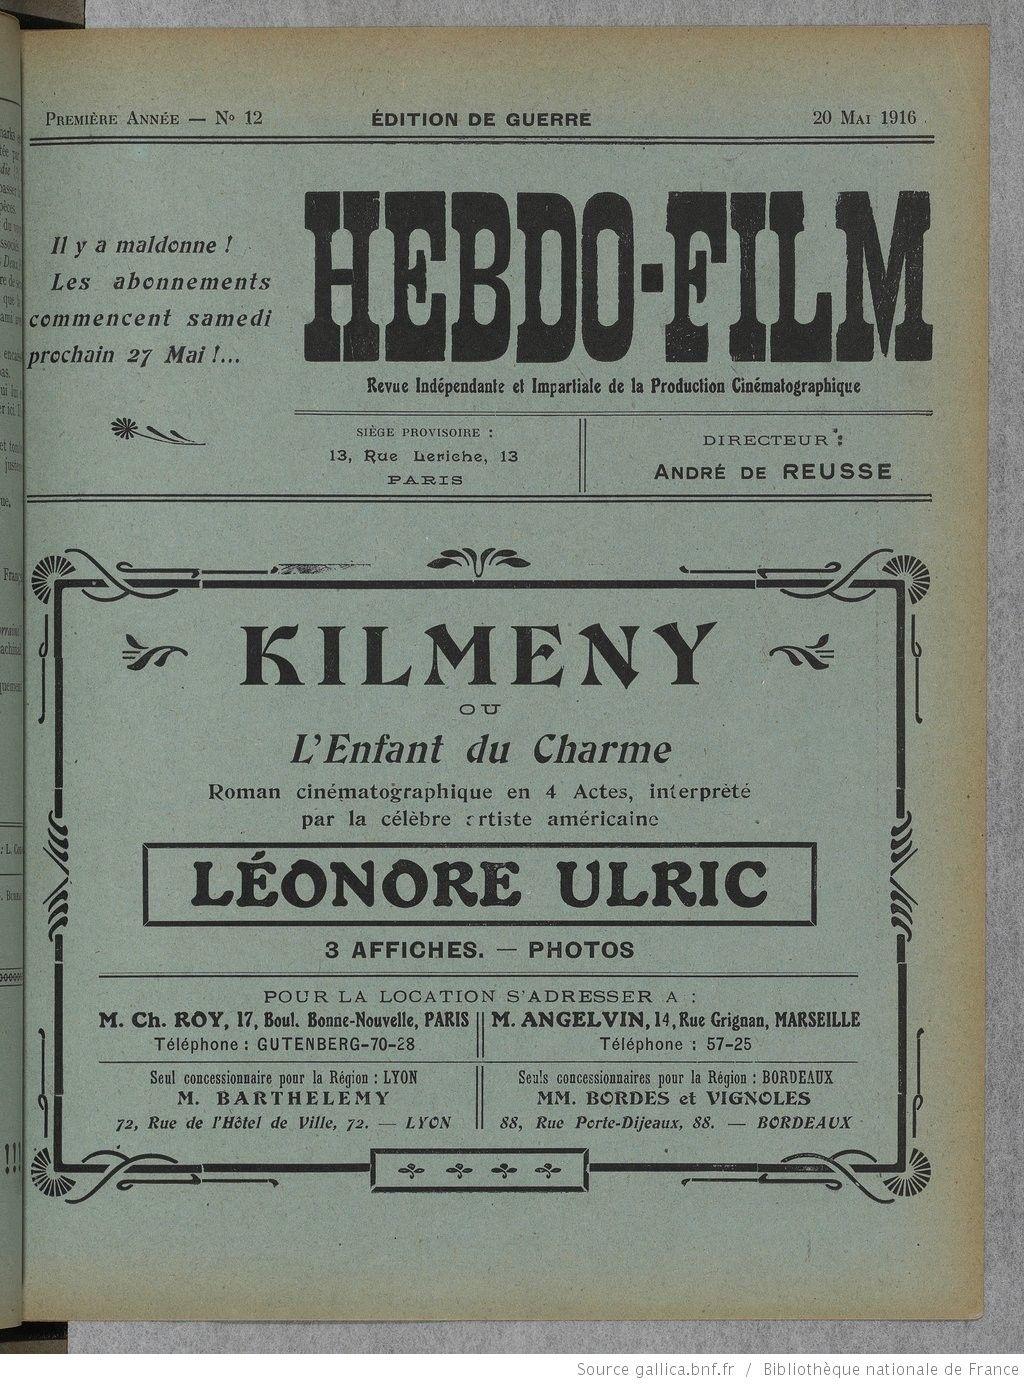 Hebdo-film. Revue indépendante et impartiale de la production cinématographique   1916-05-20   Gallica